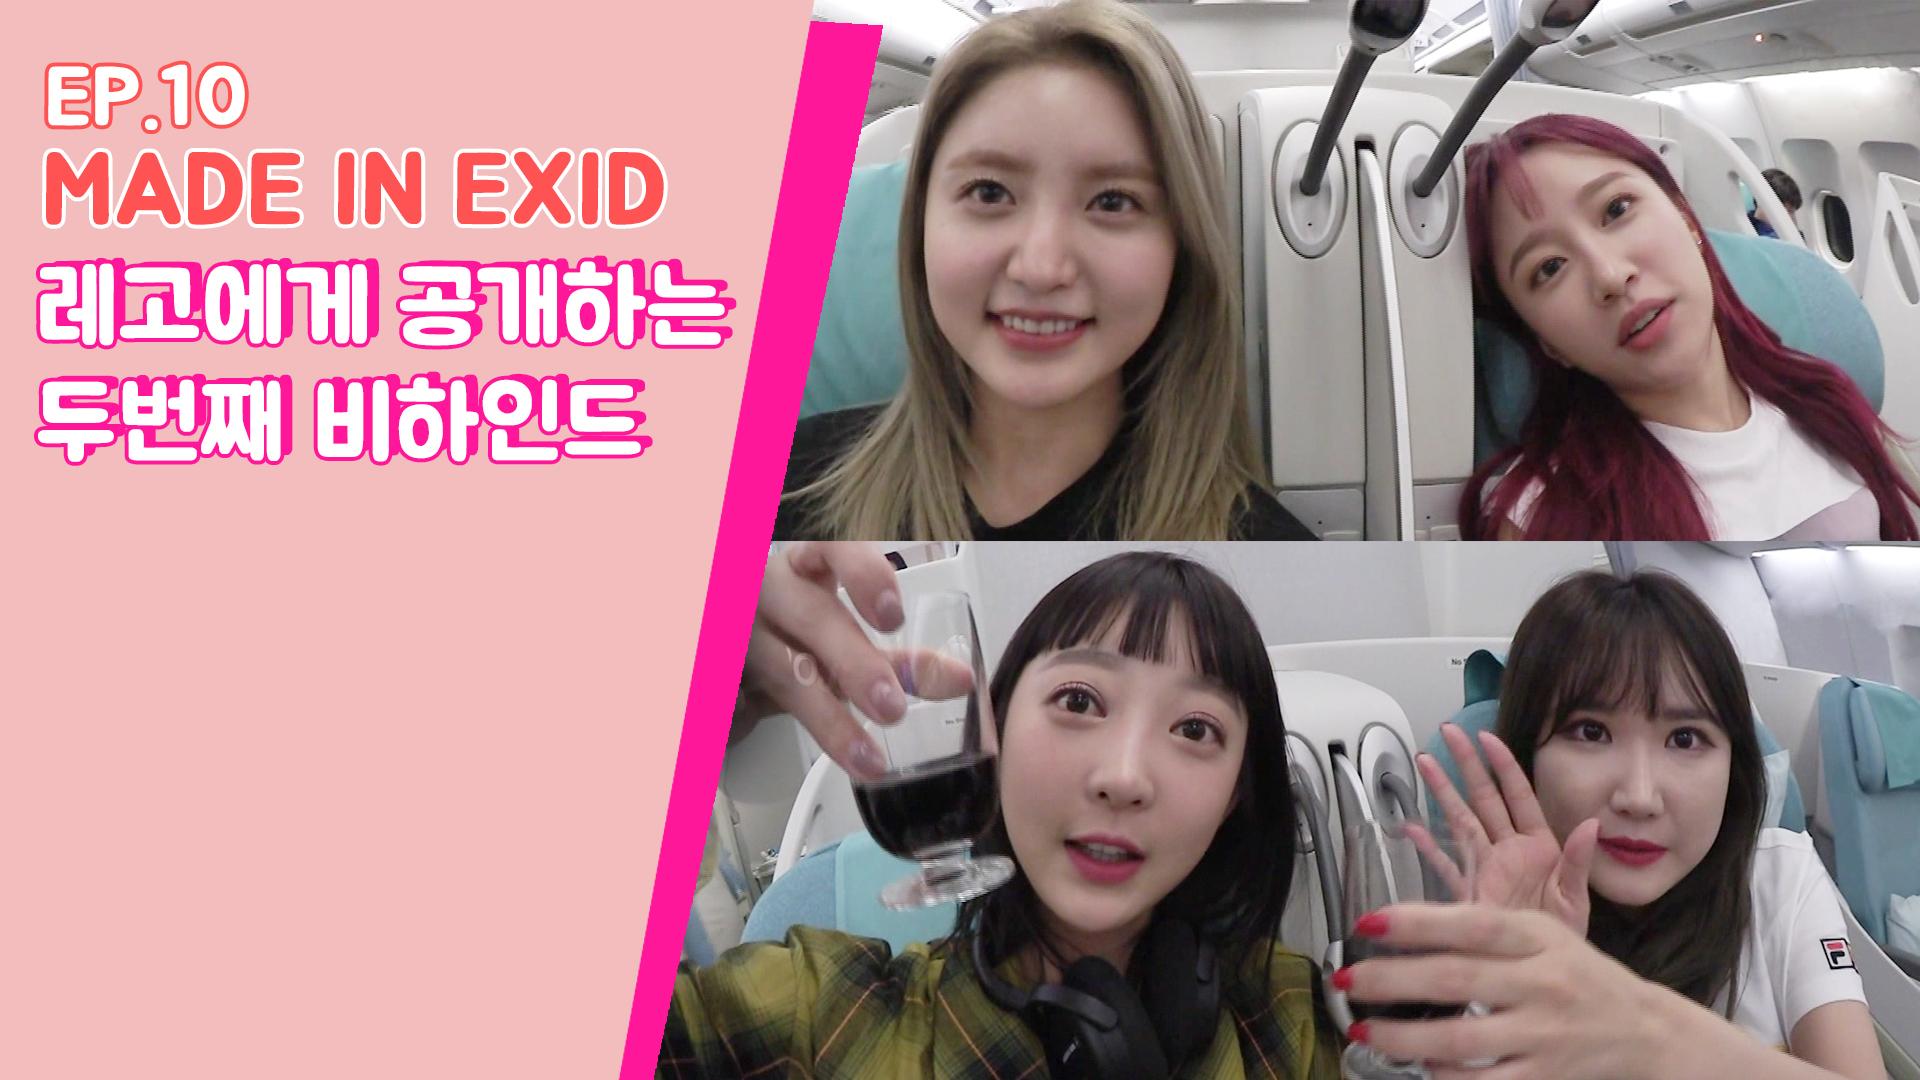 [MADE IN EXID] EXID EP10. 레고에게 공개하는 두 번째 비하인드